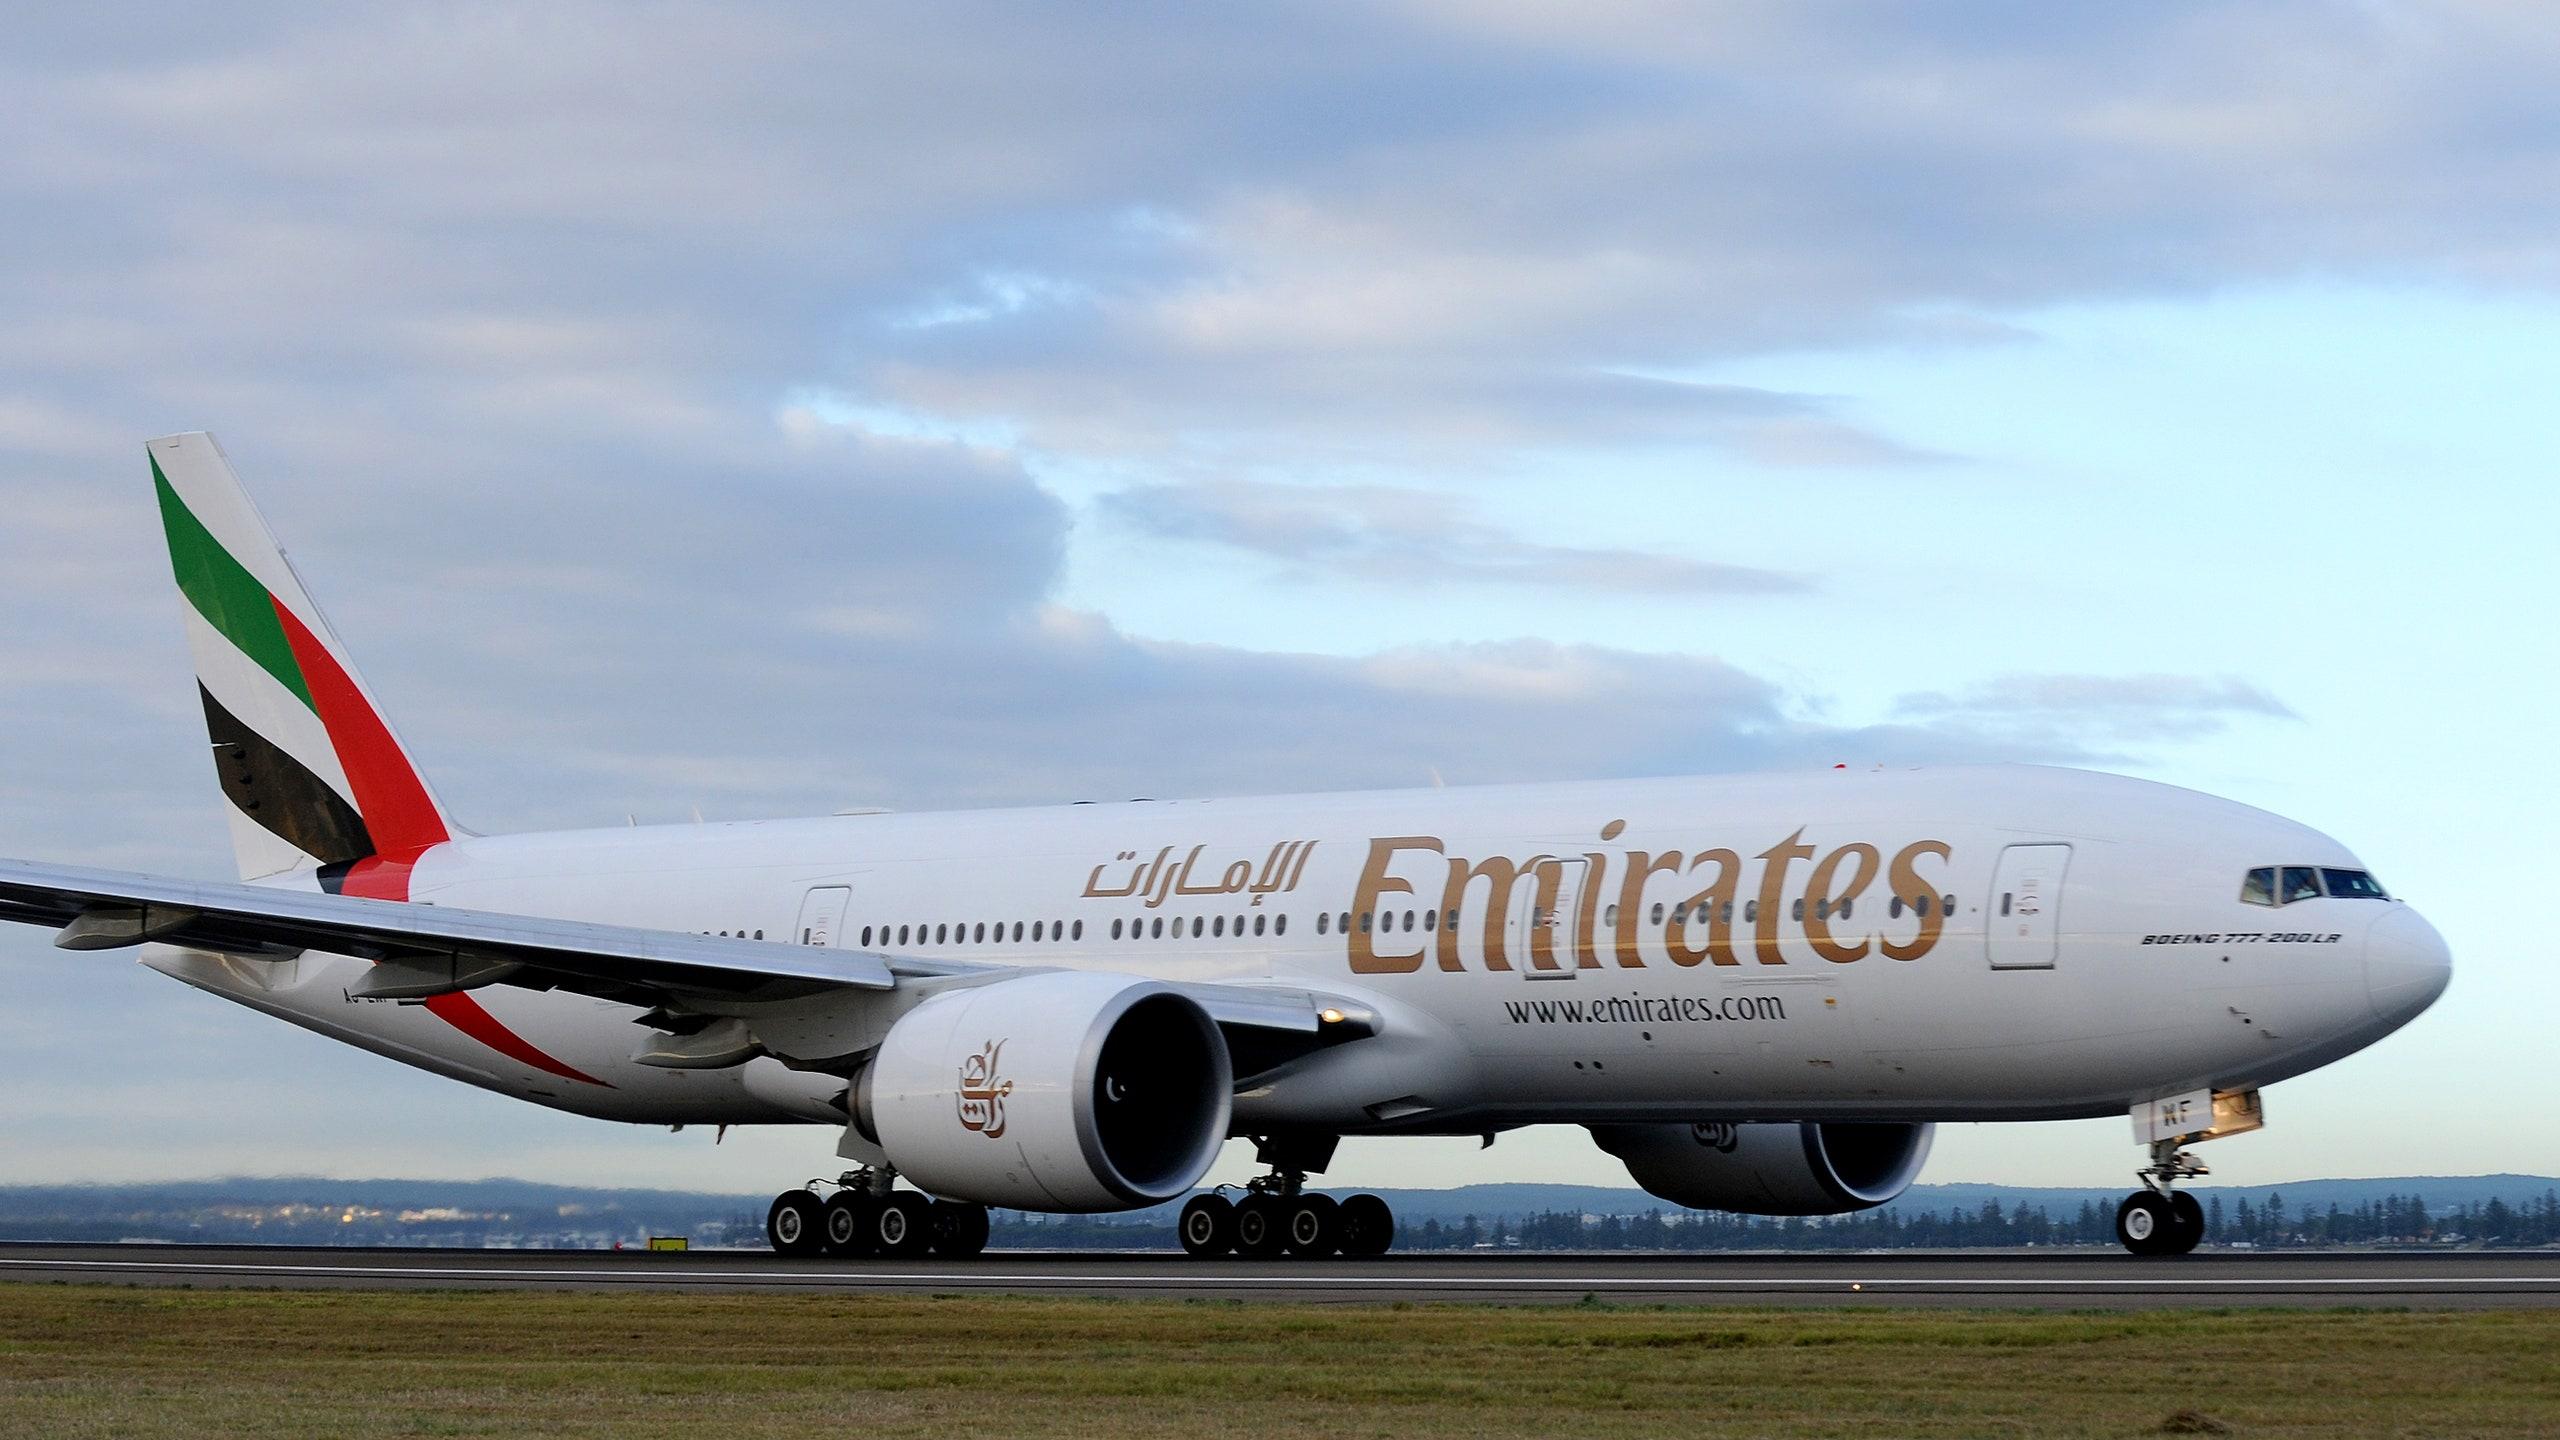 Emirates Airlines.